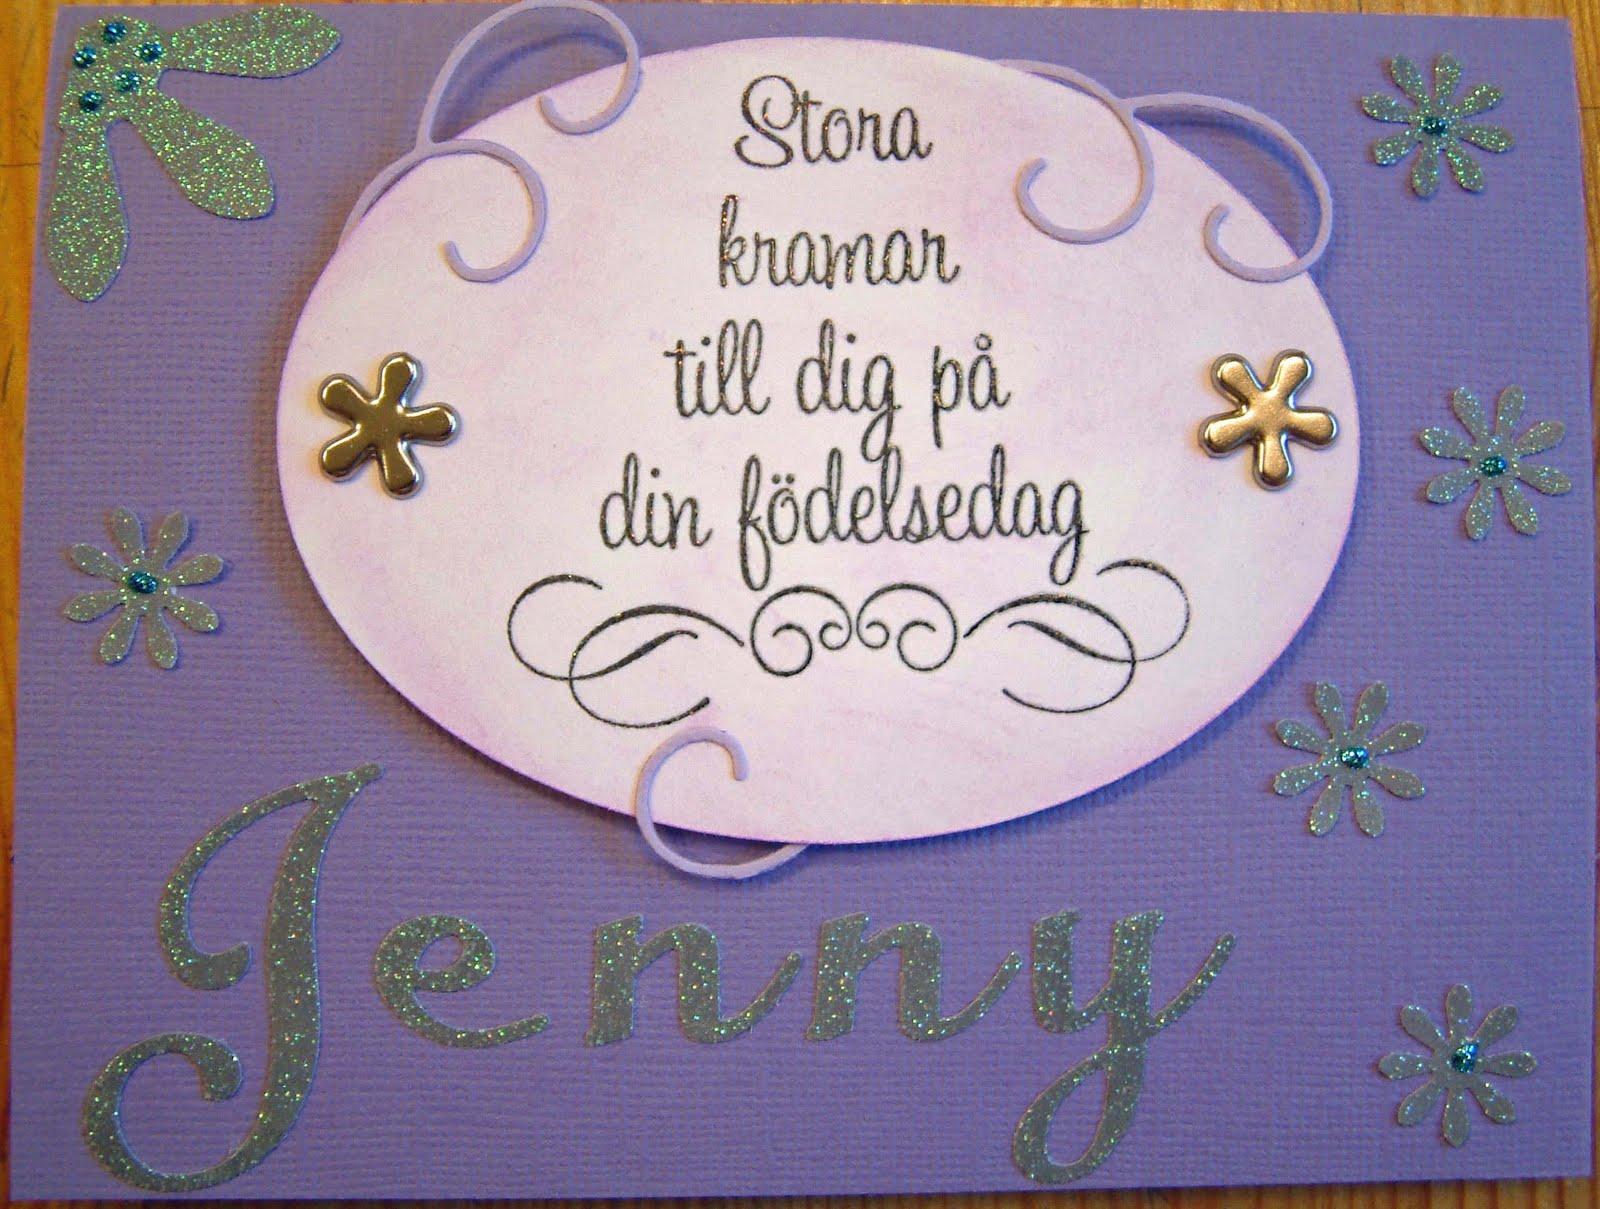 grattis älskade syster Anne Lindqvist: Grattis Jenny grattis älskade syster